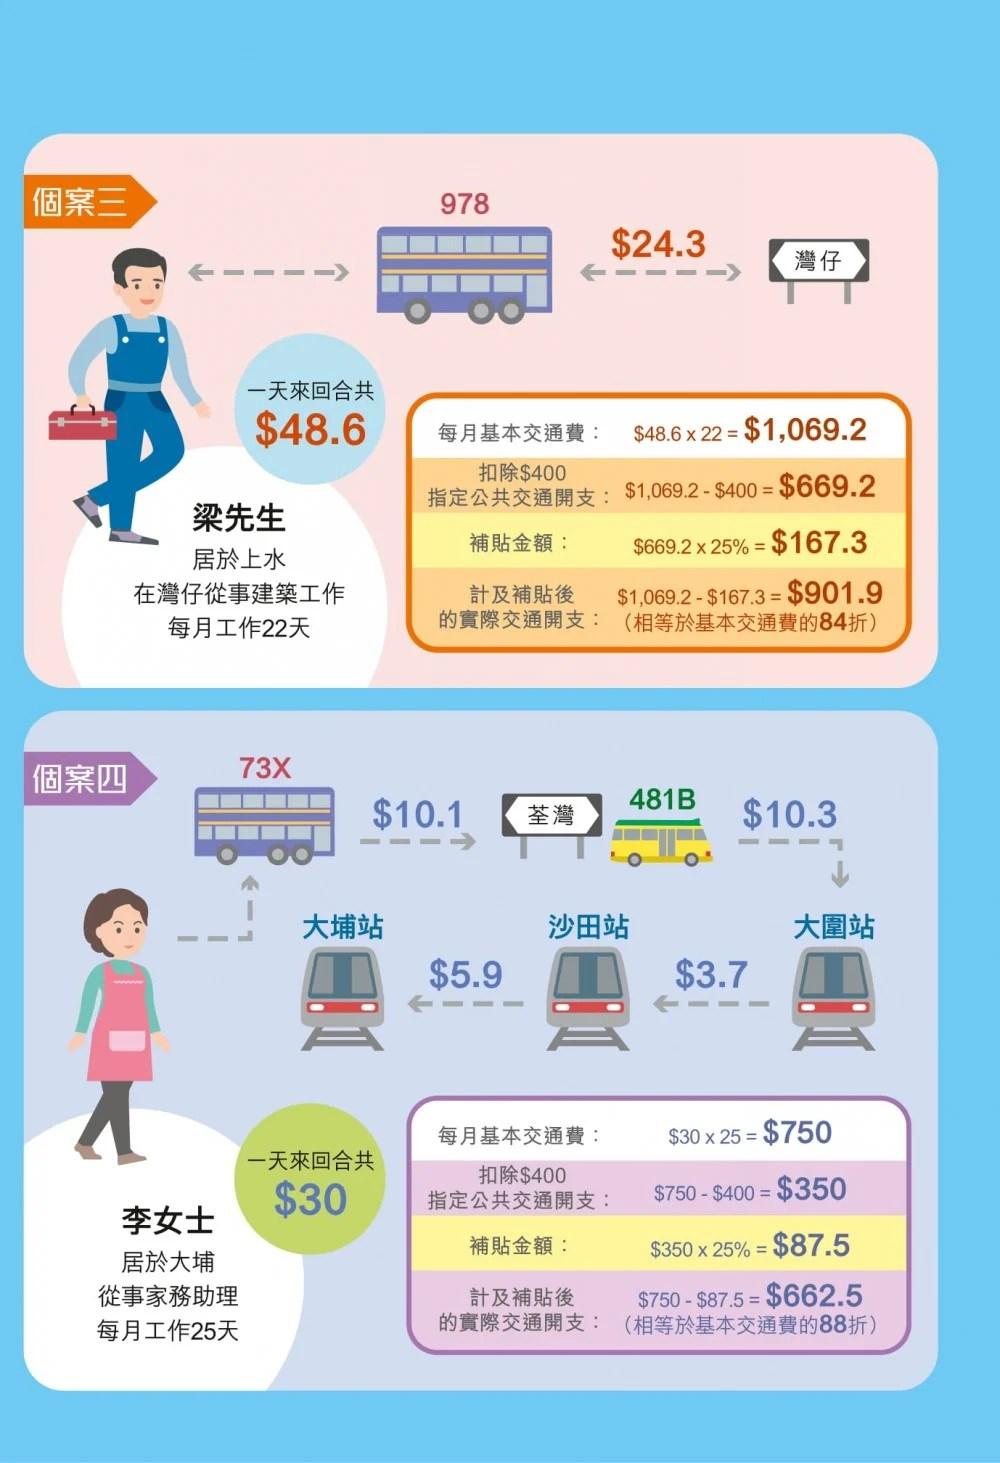 政府推公共交通費用補貼計劃!每月交通費超過400元即可申請~上限$300! | HolidaySmart 假期日常